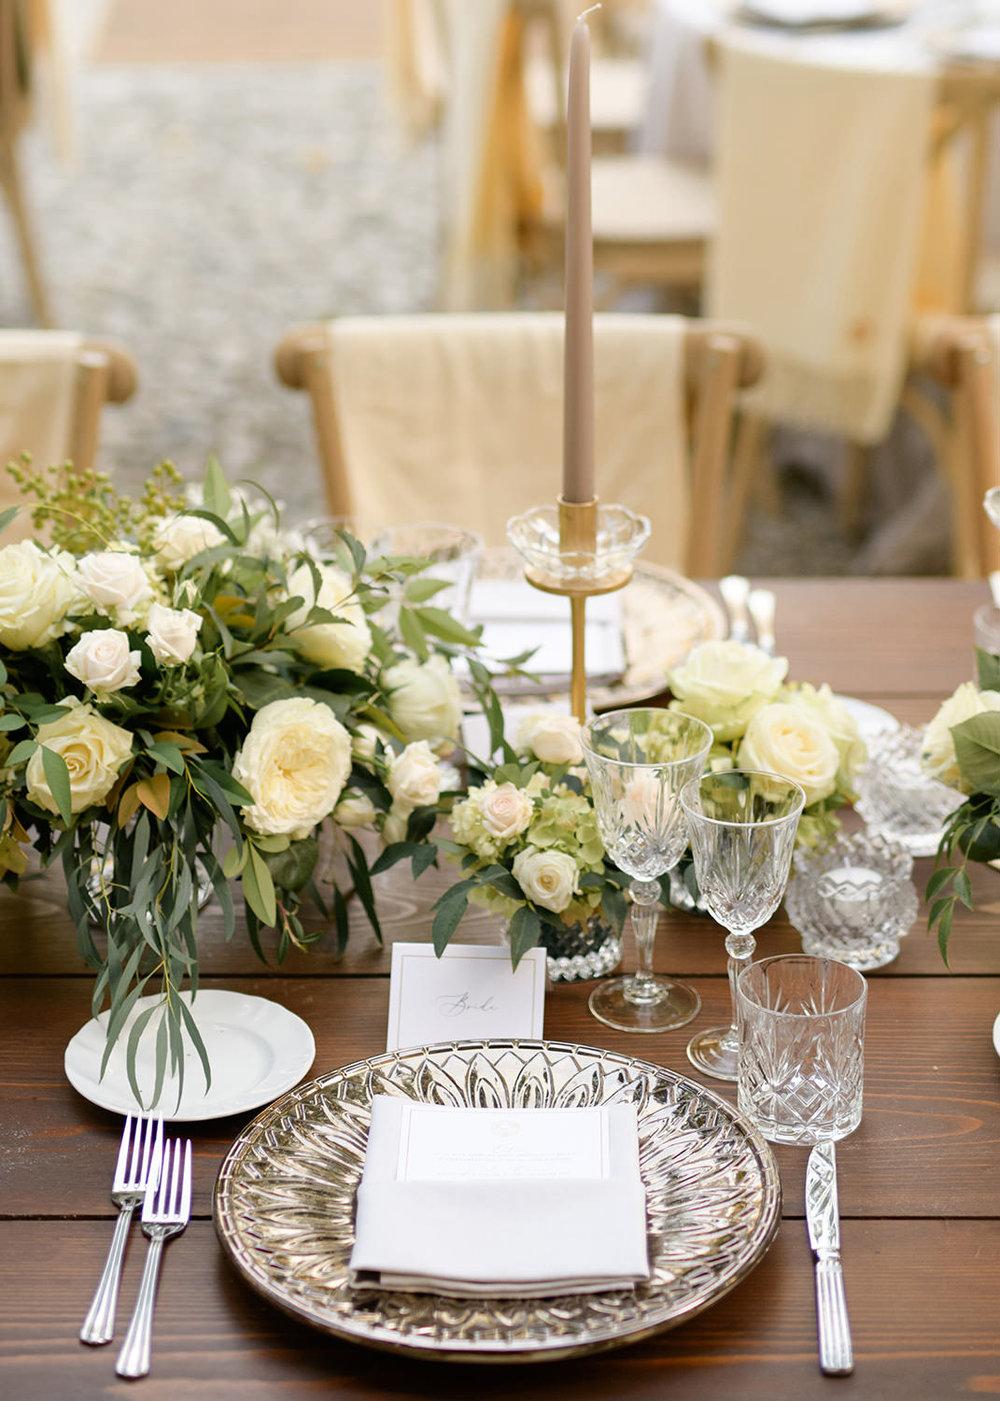 villa-regina-teodolinda-wedding-photographer-C&B-©bottega53-83.JPG